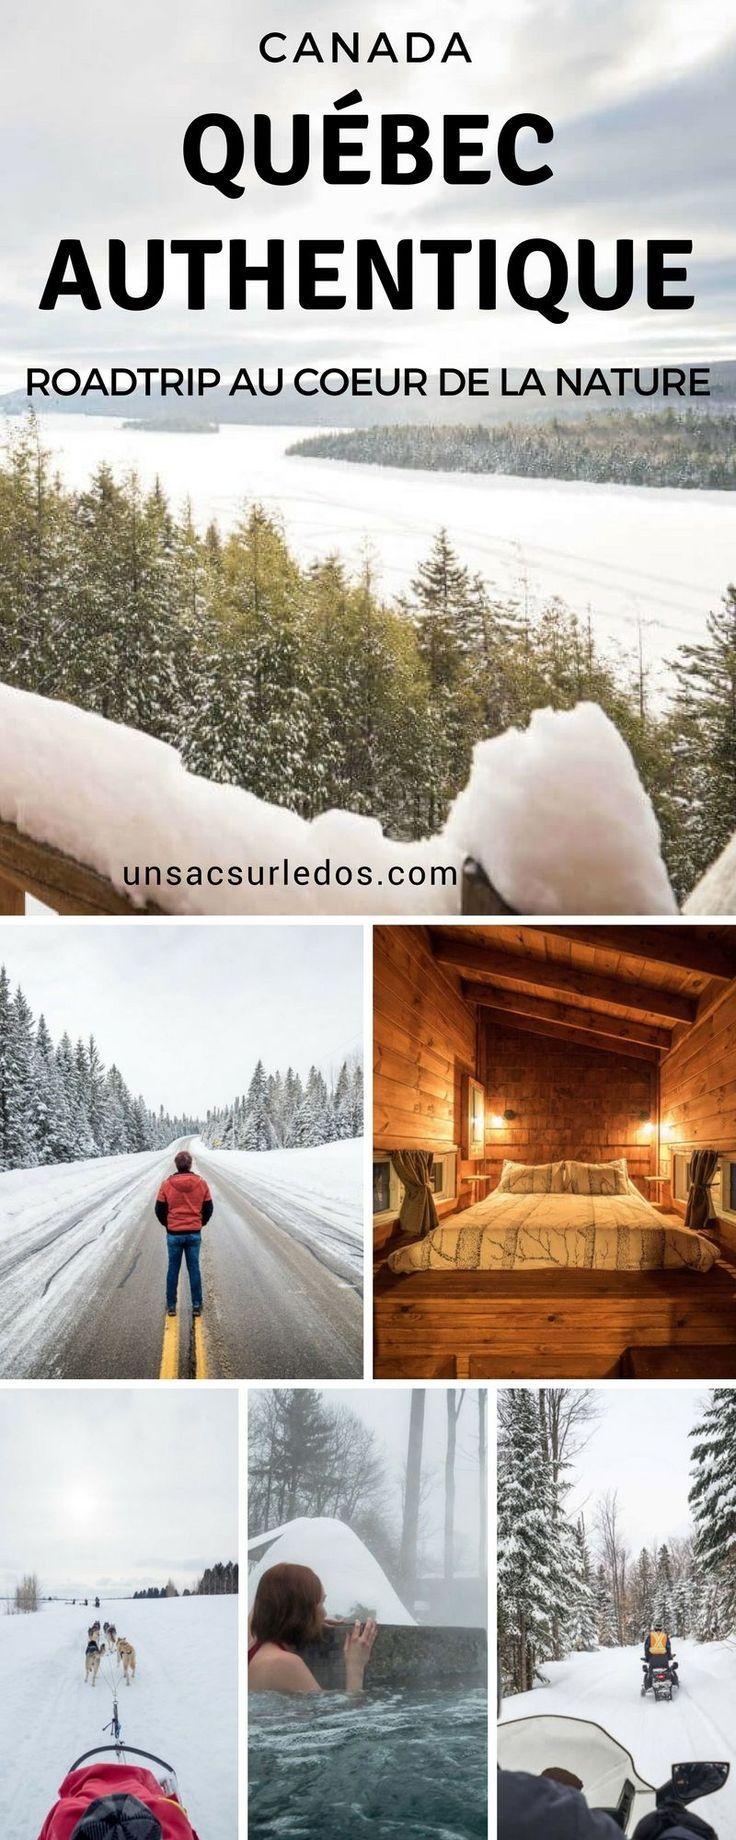 Sans doute une des plus belles régions du Québec : le Québec Authentique. Voici nos découvertes dans les régions de Mauricie et Lanaudière, ainsi que des idées d'activités pour profiter de l'hiver. Autant vous dire tout de suite, il y a de beaux coups de cœur en perspective! #Canada #Quebec #QuebexAuthentique #authentique #Mauricie #Lanaudiere #hiver #neige #chien #traineau #traineauachien #chiendetraineau #motoneige #skidoo #spa #chalet #cabane #lac #foret #nature